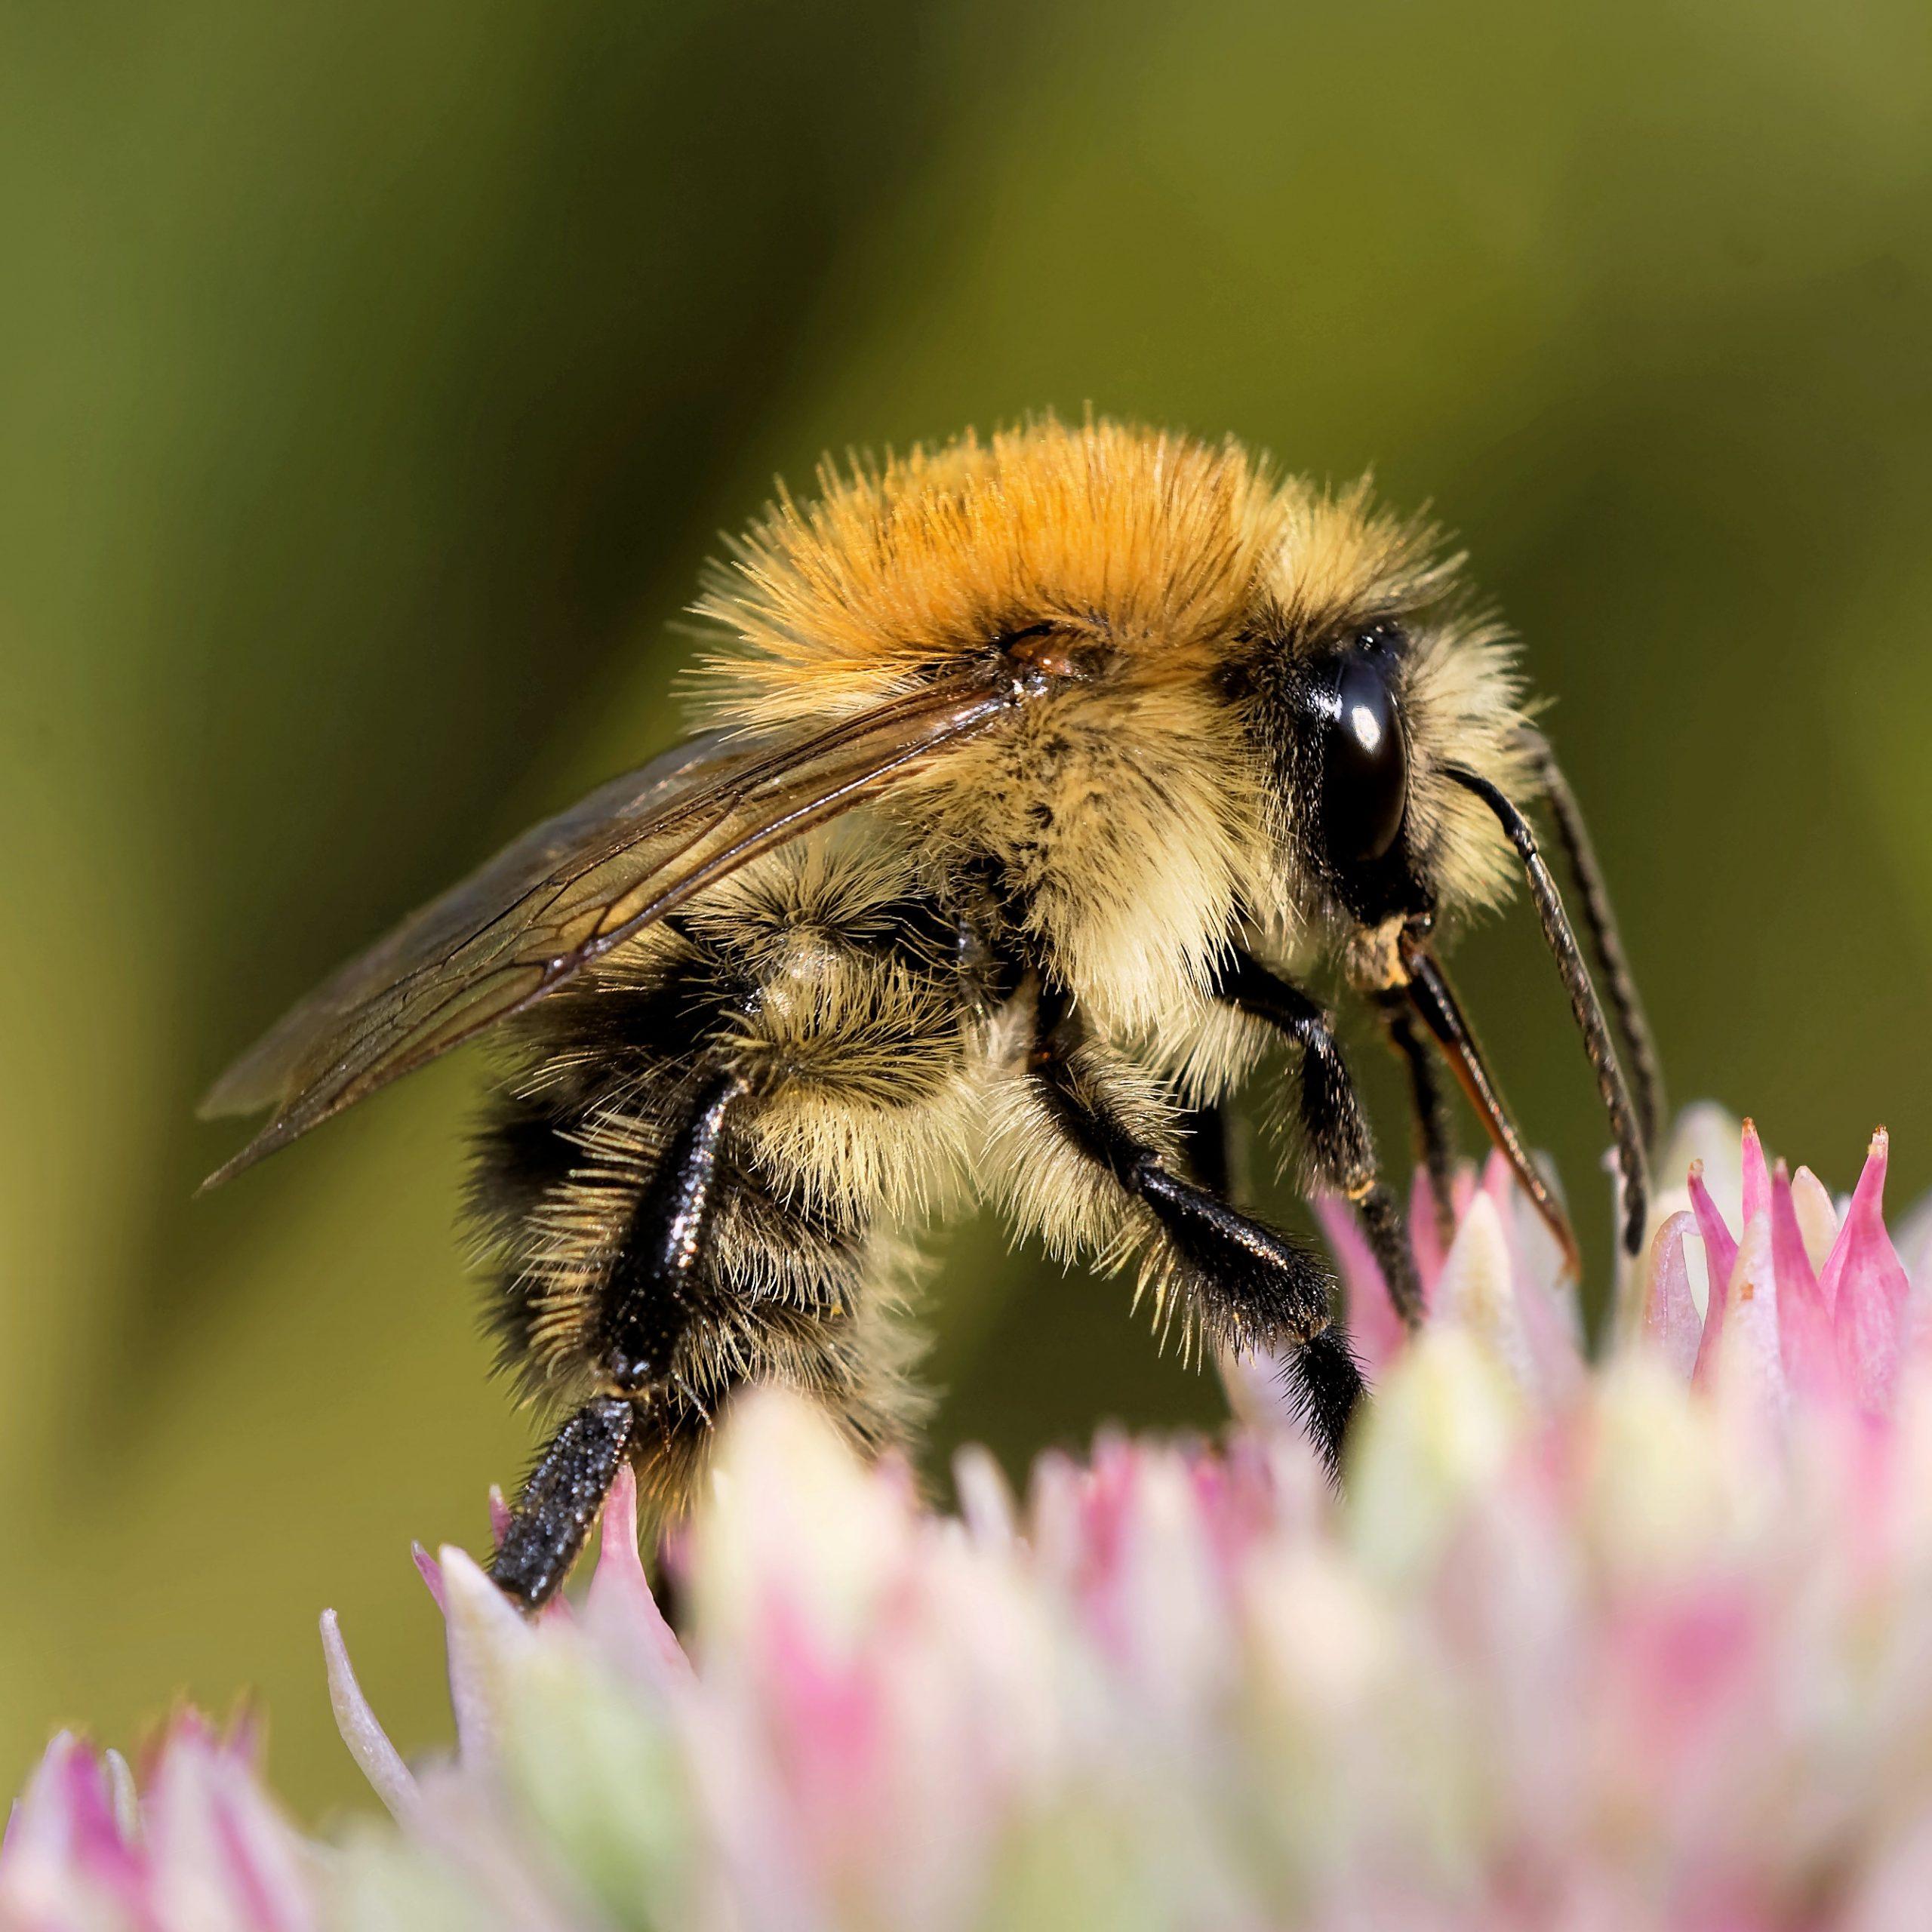 Bienen und Hummeln beziehen die meisten Nährstoffe aus dem Nektar und den Pollen von Blüten